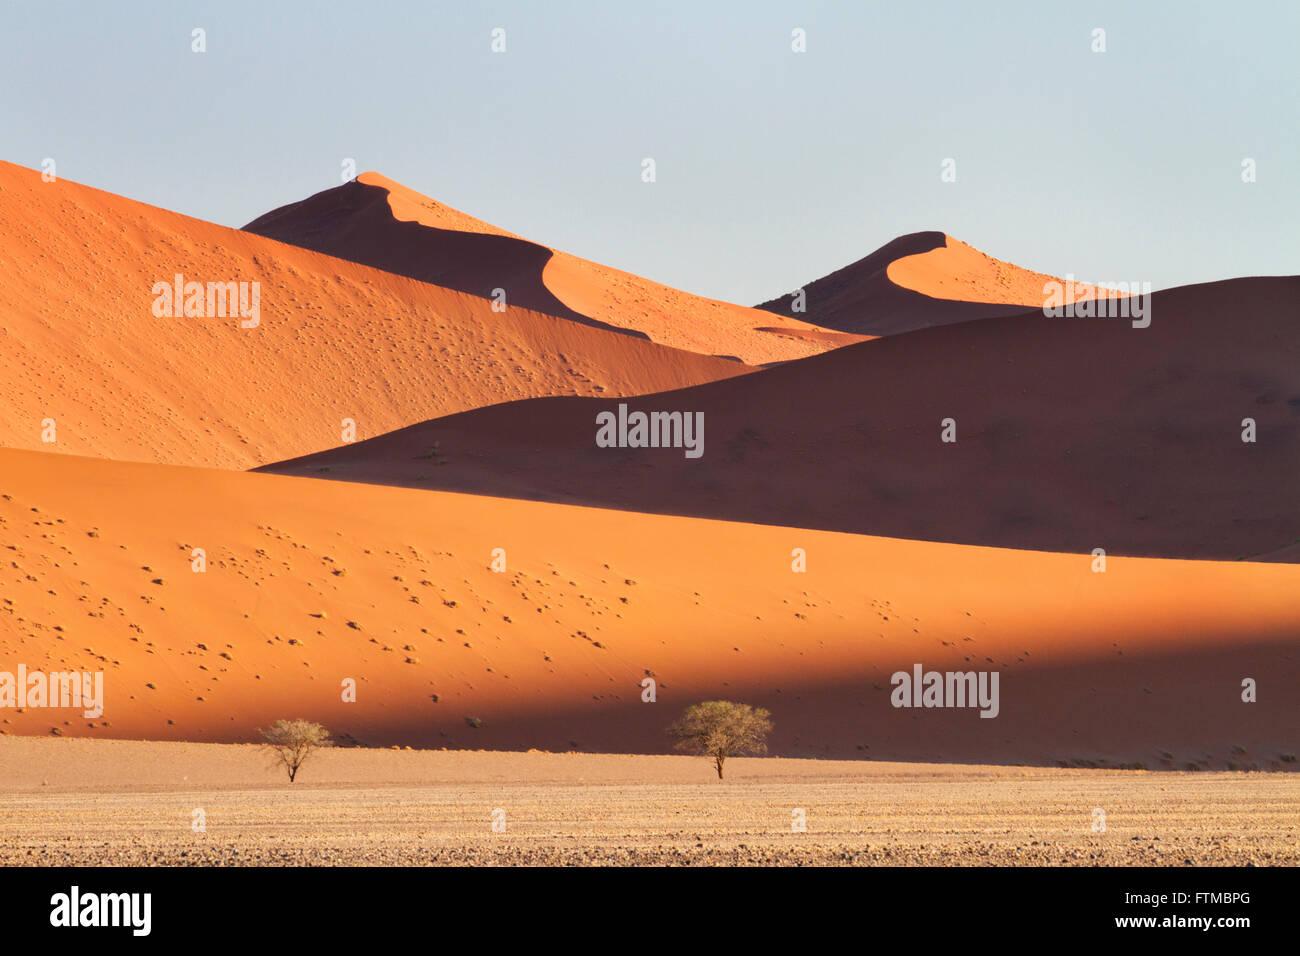 Bergige Sanddünen und Camelthorn Akazien in der Namib-Wüste in der Namib-Naukluft Nationalpark Namibias Stockbild